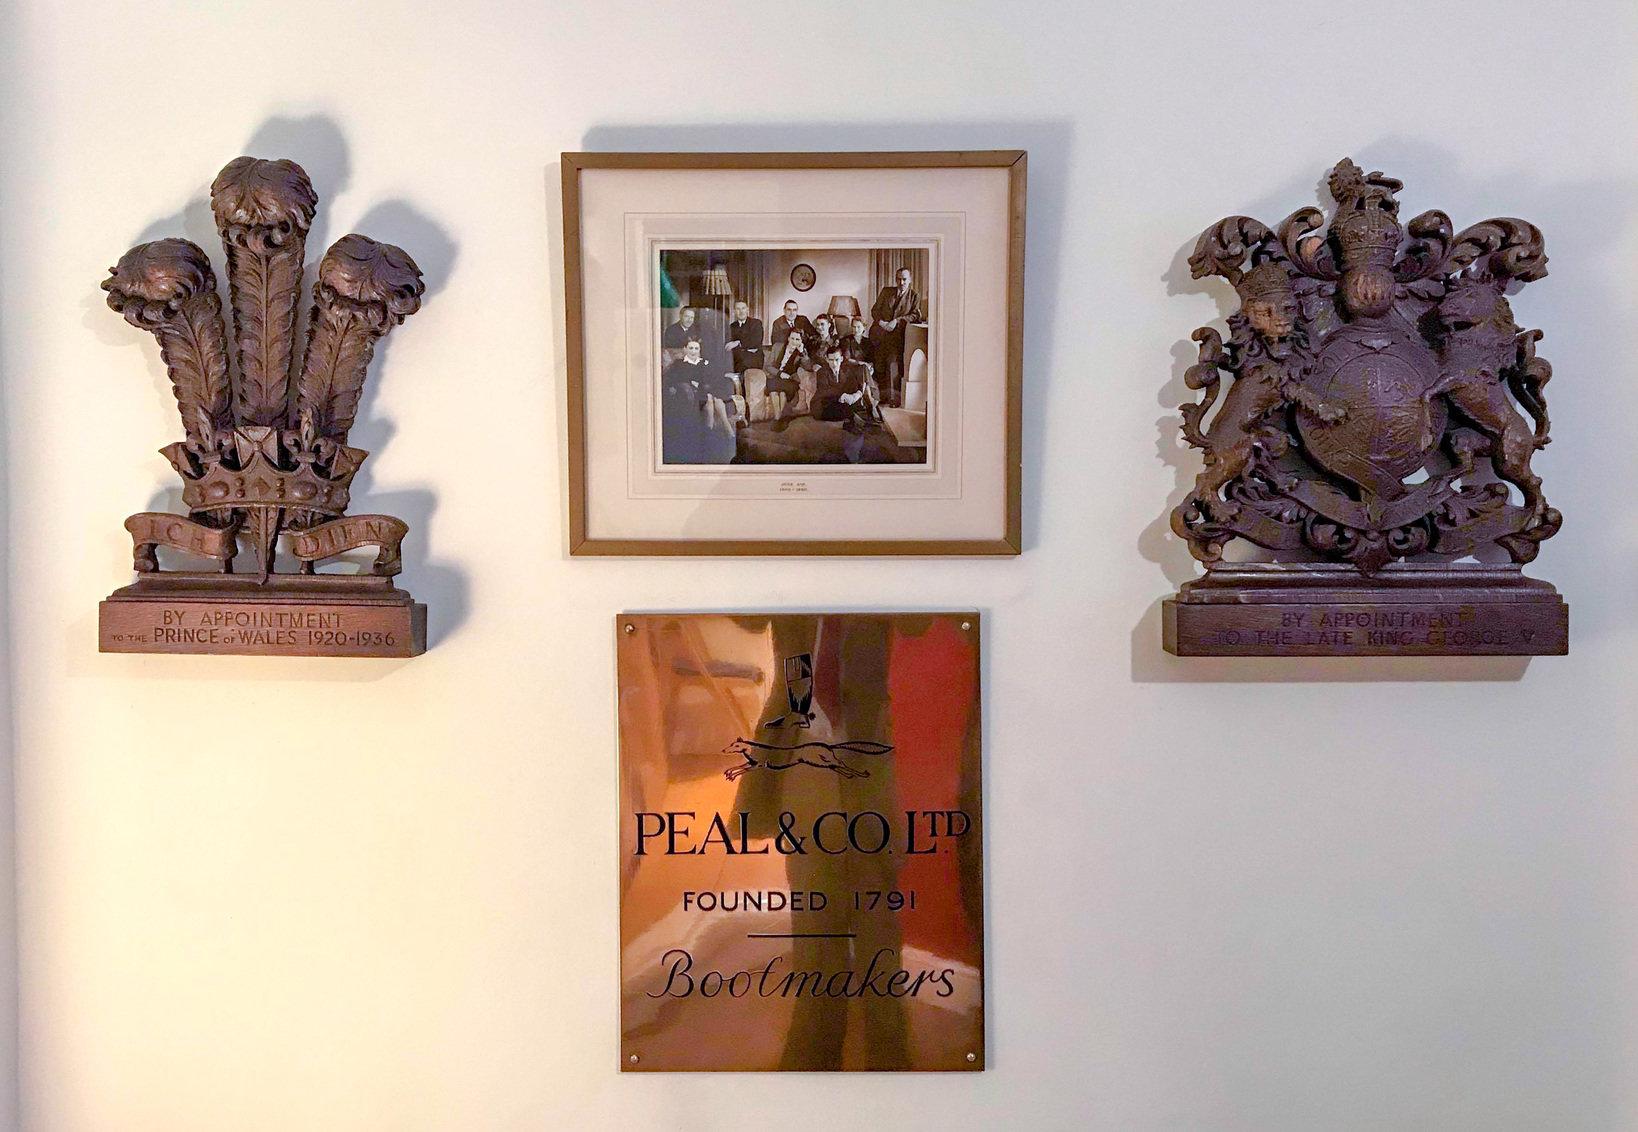 バーナード氏の自宅にて保管されているオリジナルのロイヤルワラントと店舗の看板